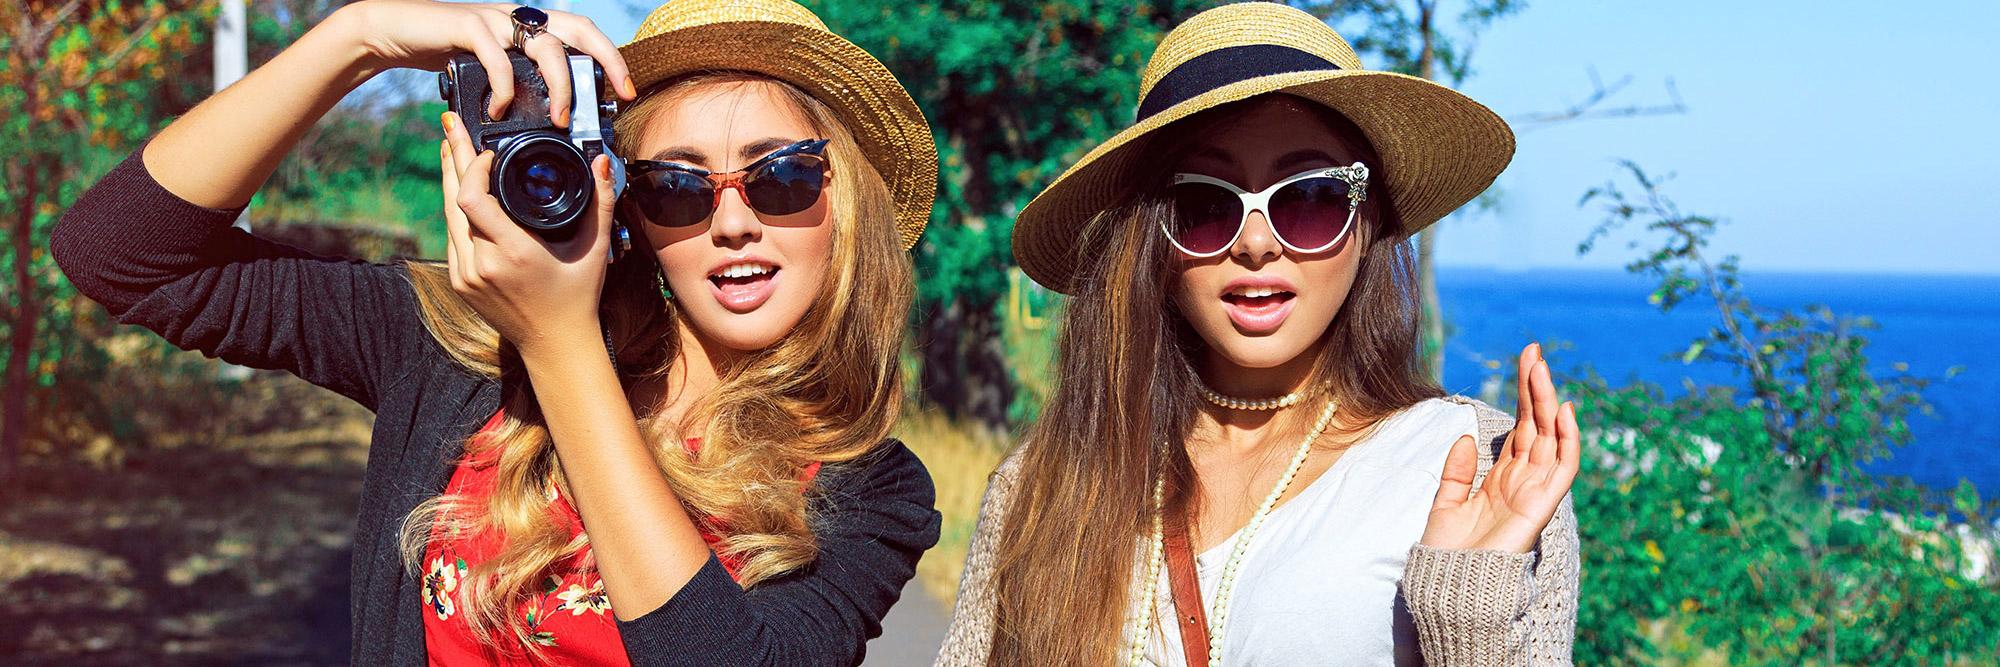 lifestyle-cefalu-magazine